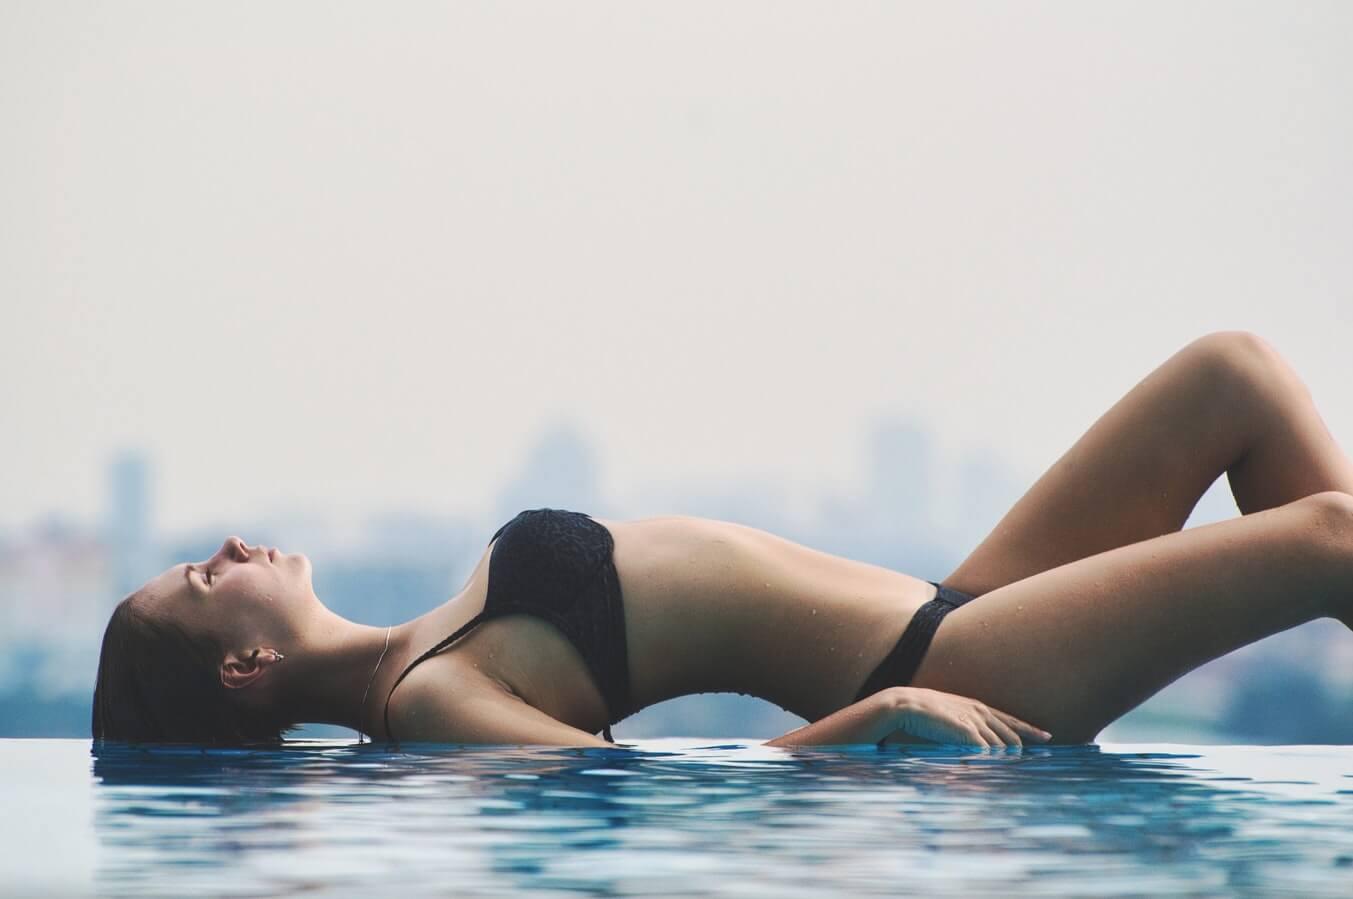 Mit tampon periode gehen man schwimmen kann ohne Während deiner